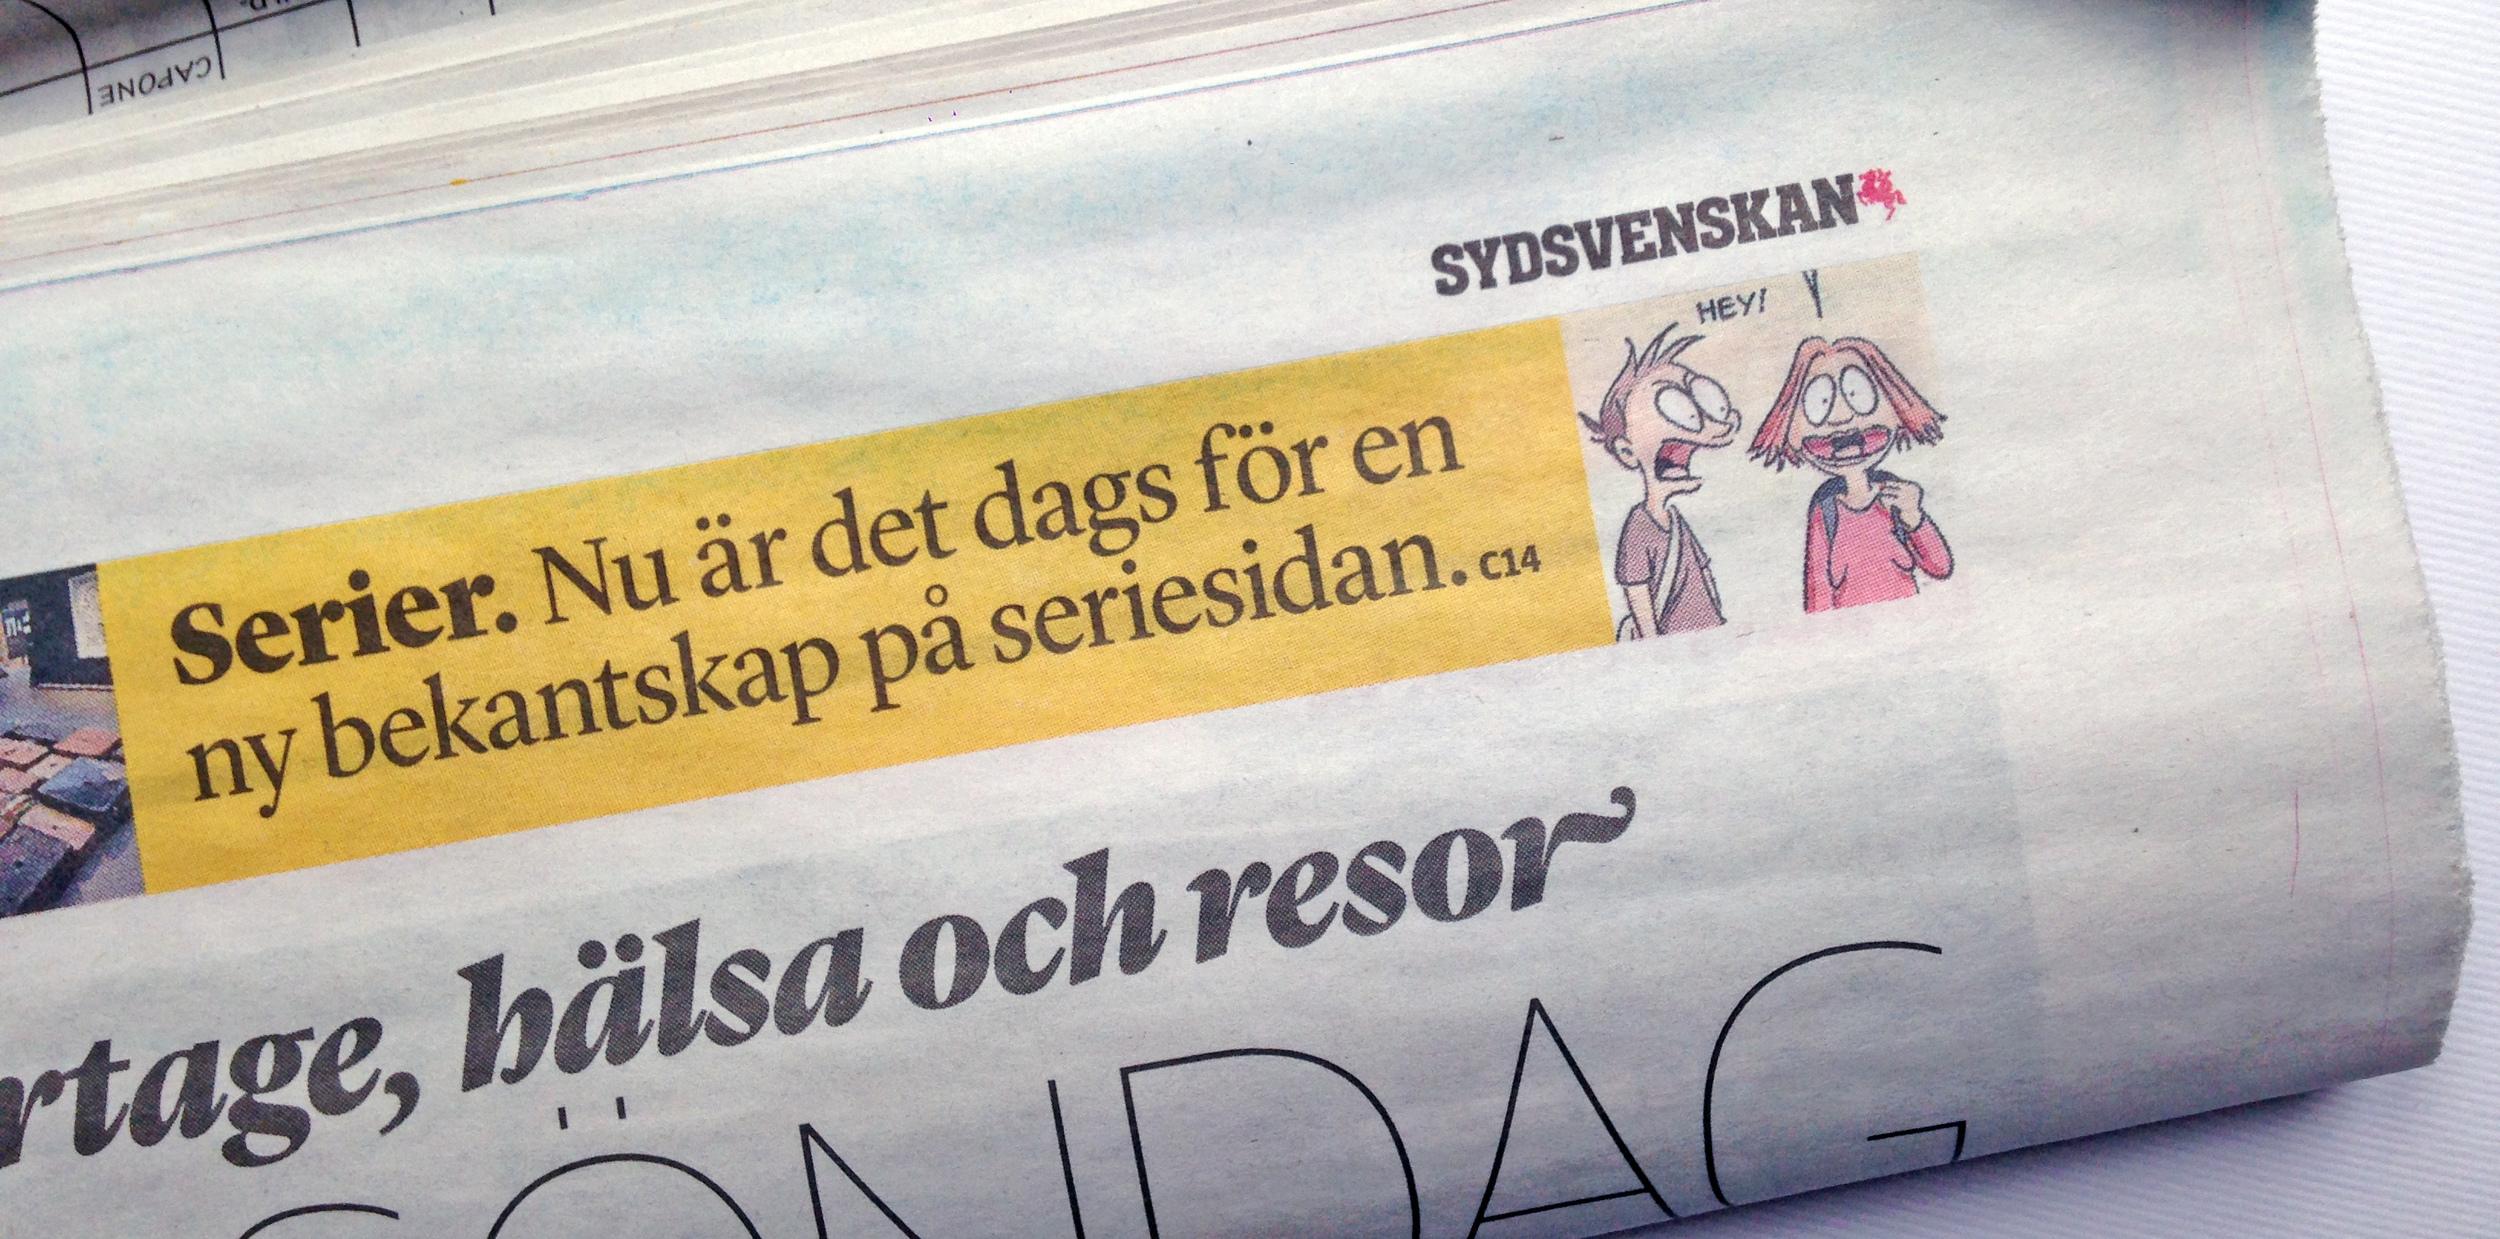 Forside, Sydsvenskan 27. desember 2015